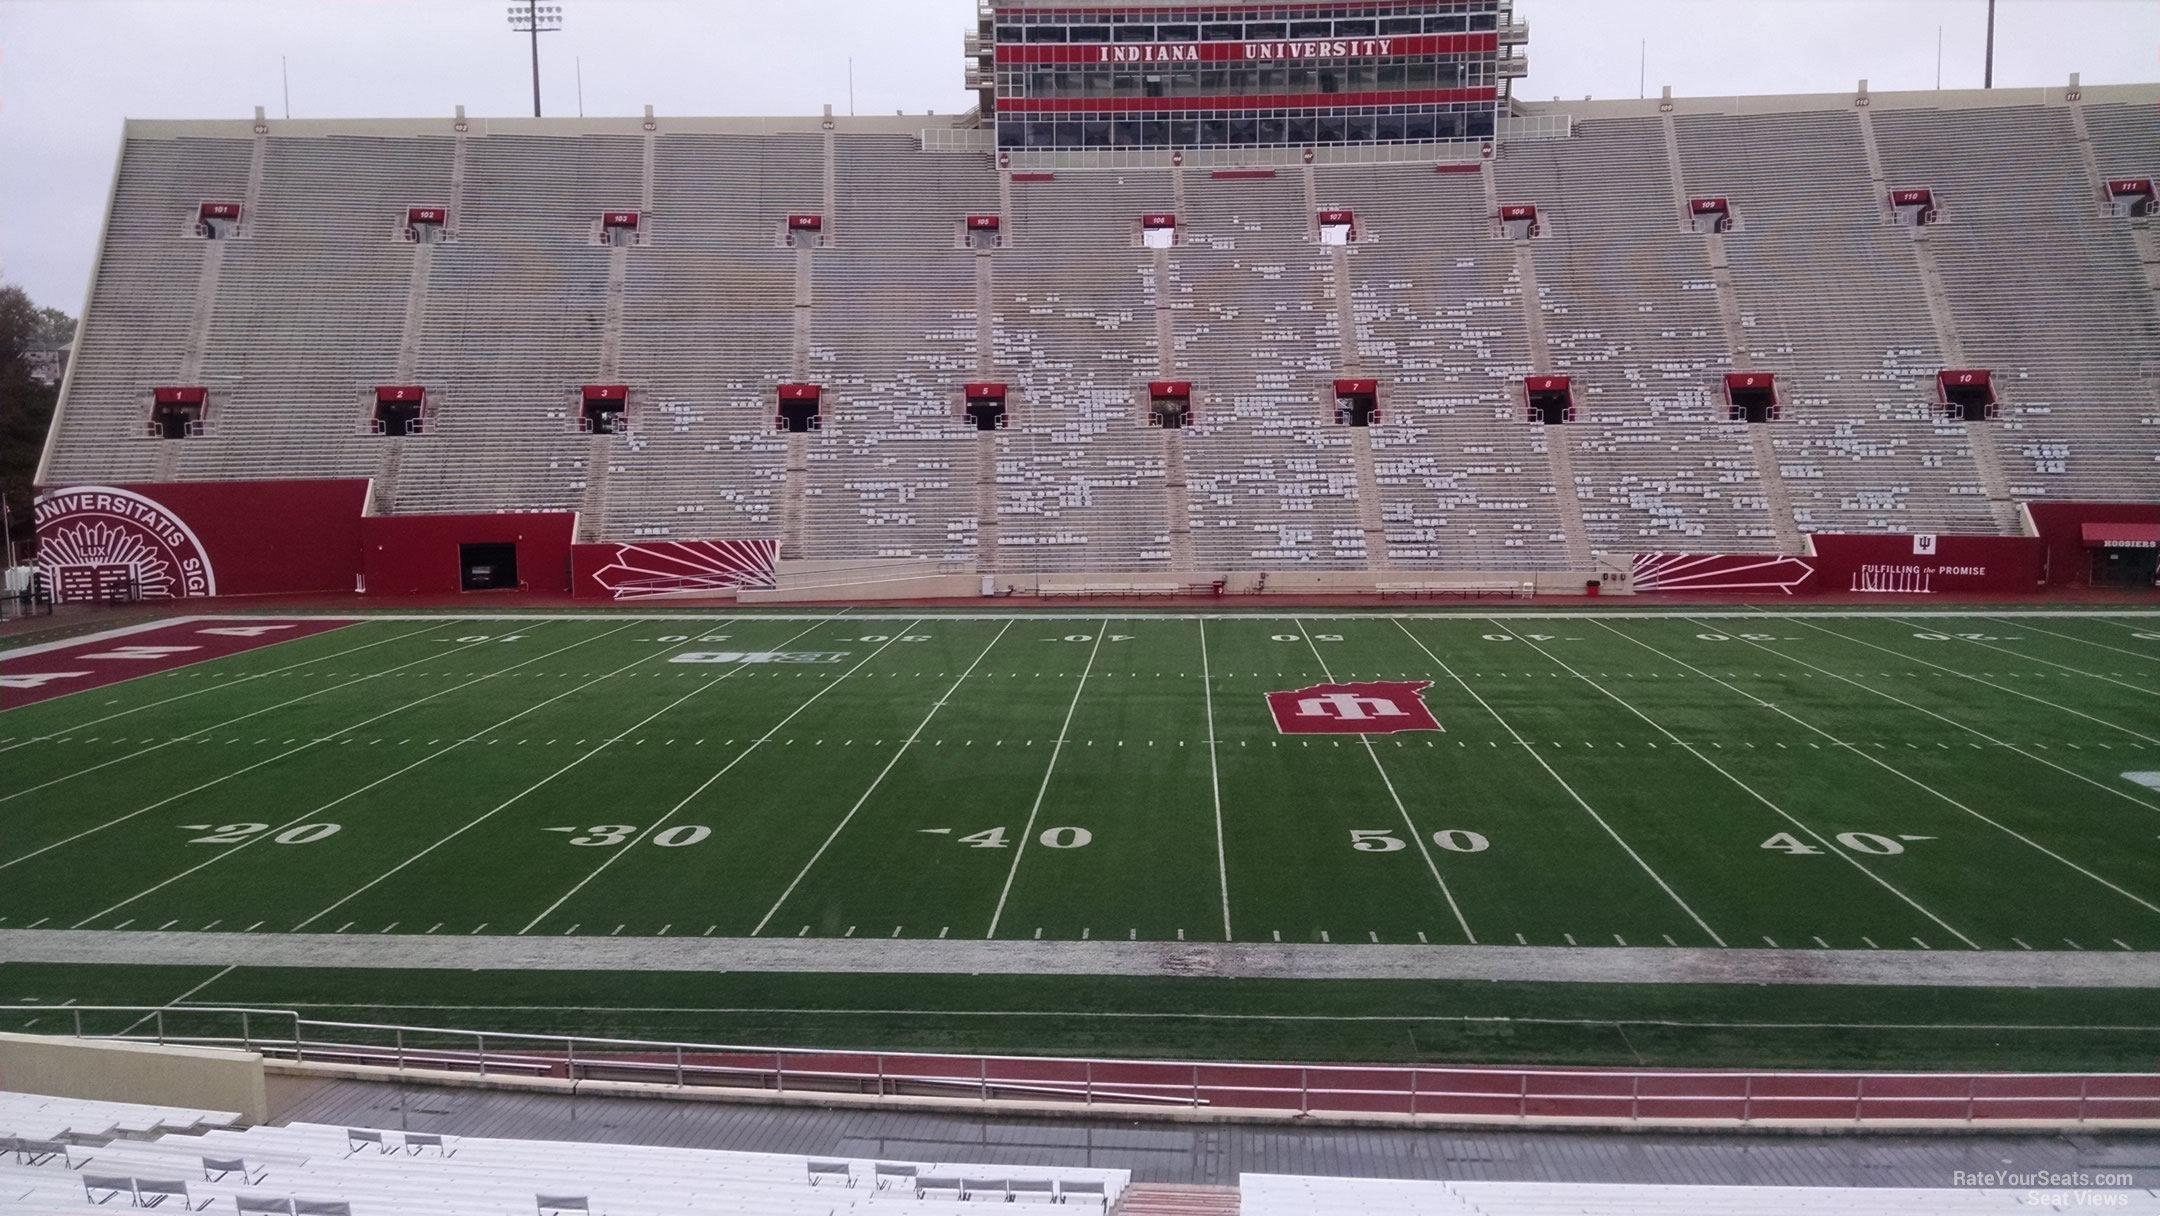 Memorial Stadium - IN Section 27 - RateYourSeats.com